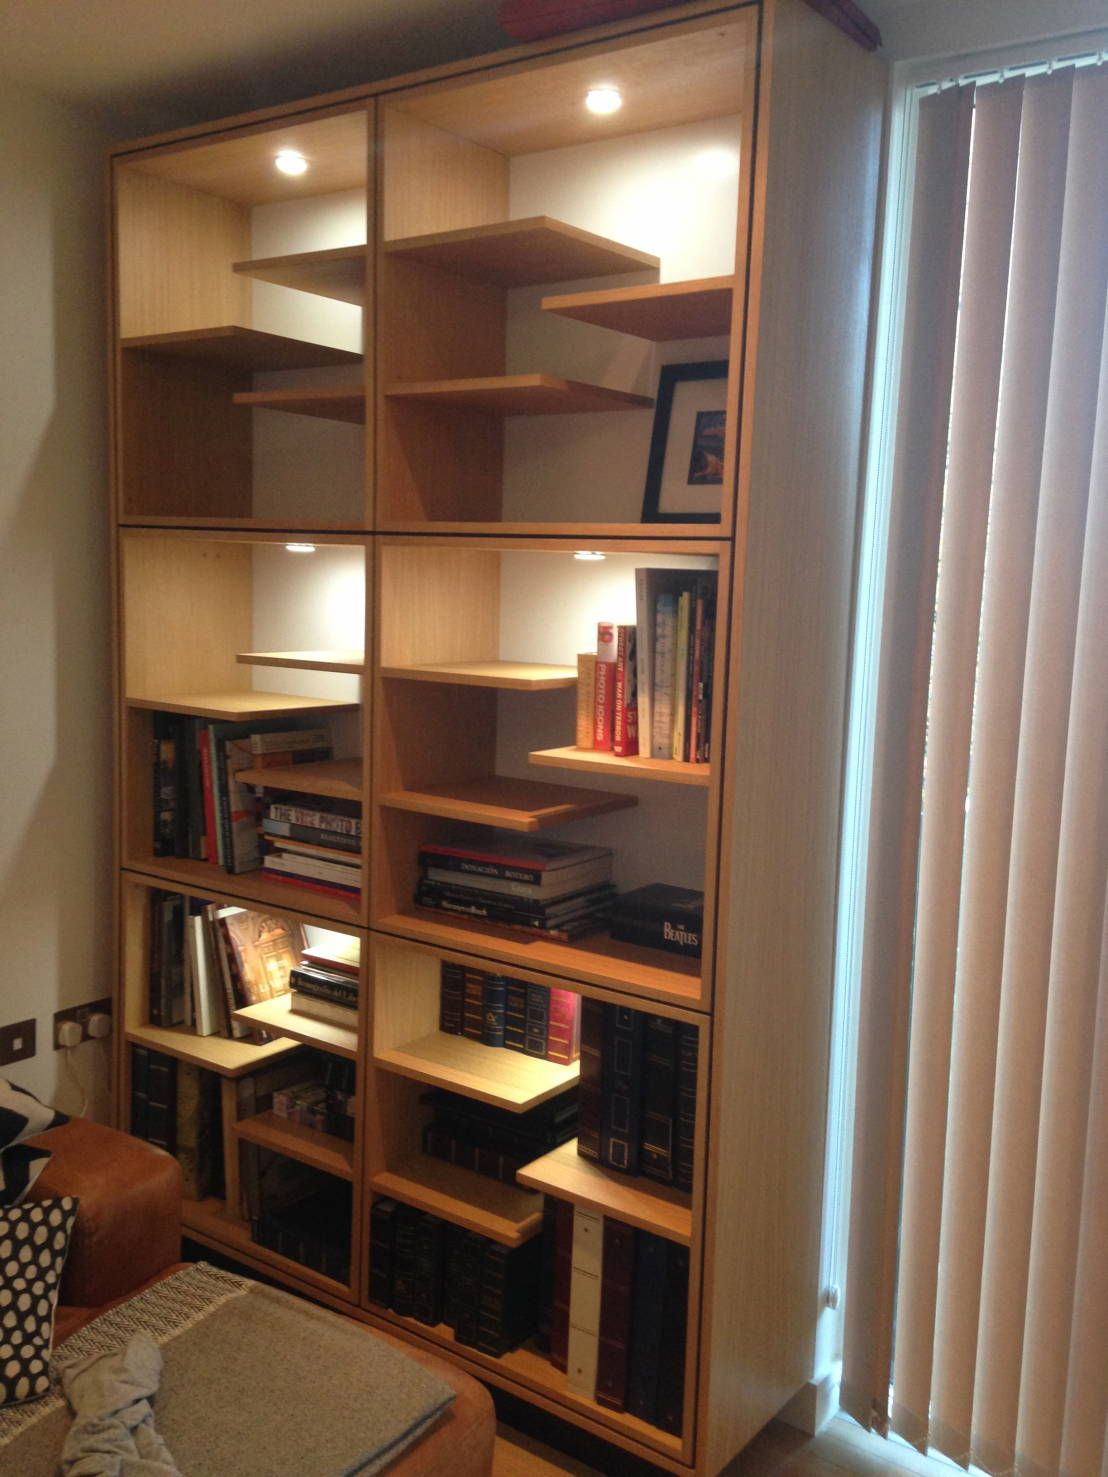 lighting for bookshelves. Great Ideas For Indirect Lighting Bookshelves